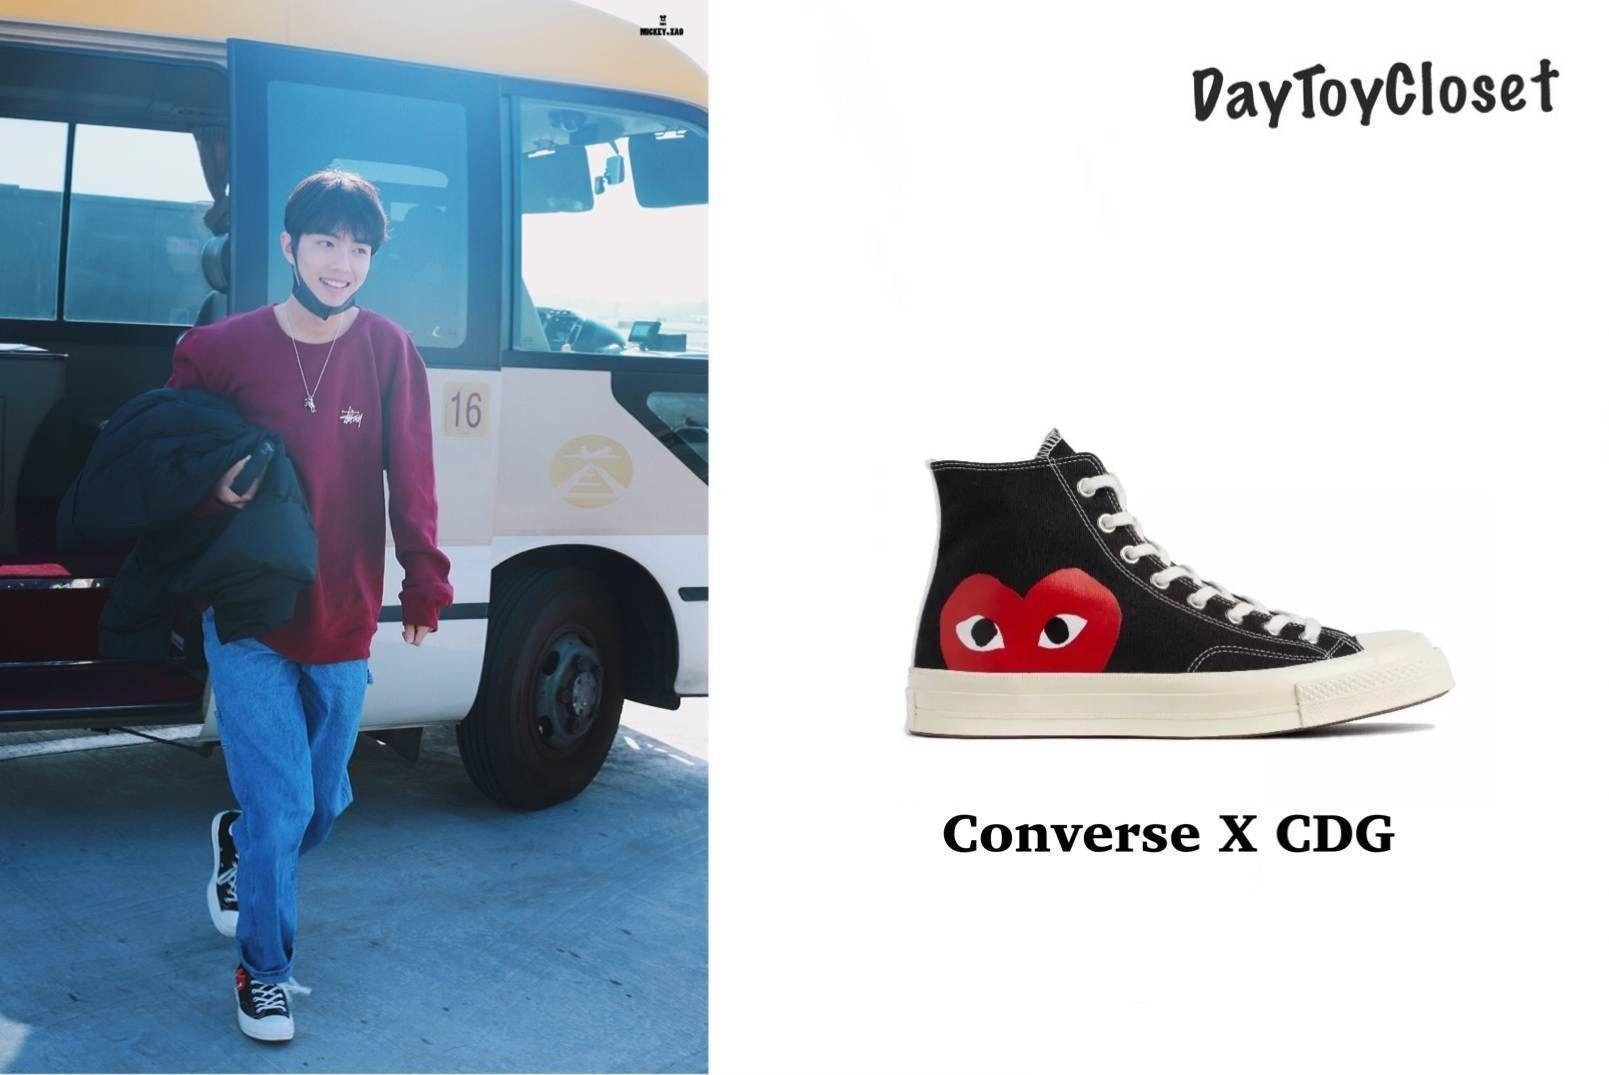 Pin By Qwonie On Kpop Fashion Converse Chuck Taylor High Top Sneaker Chucks Converse Top Sneakers